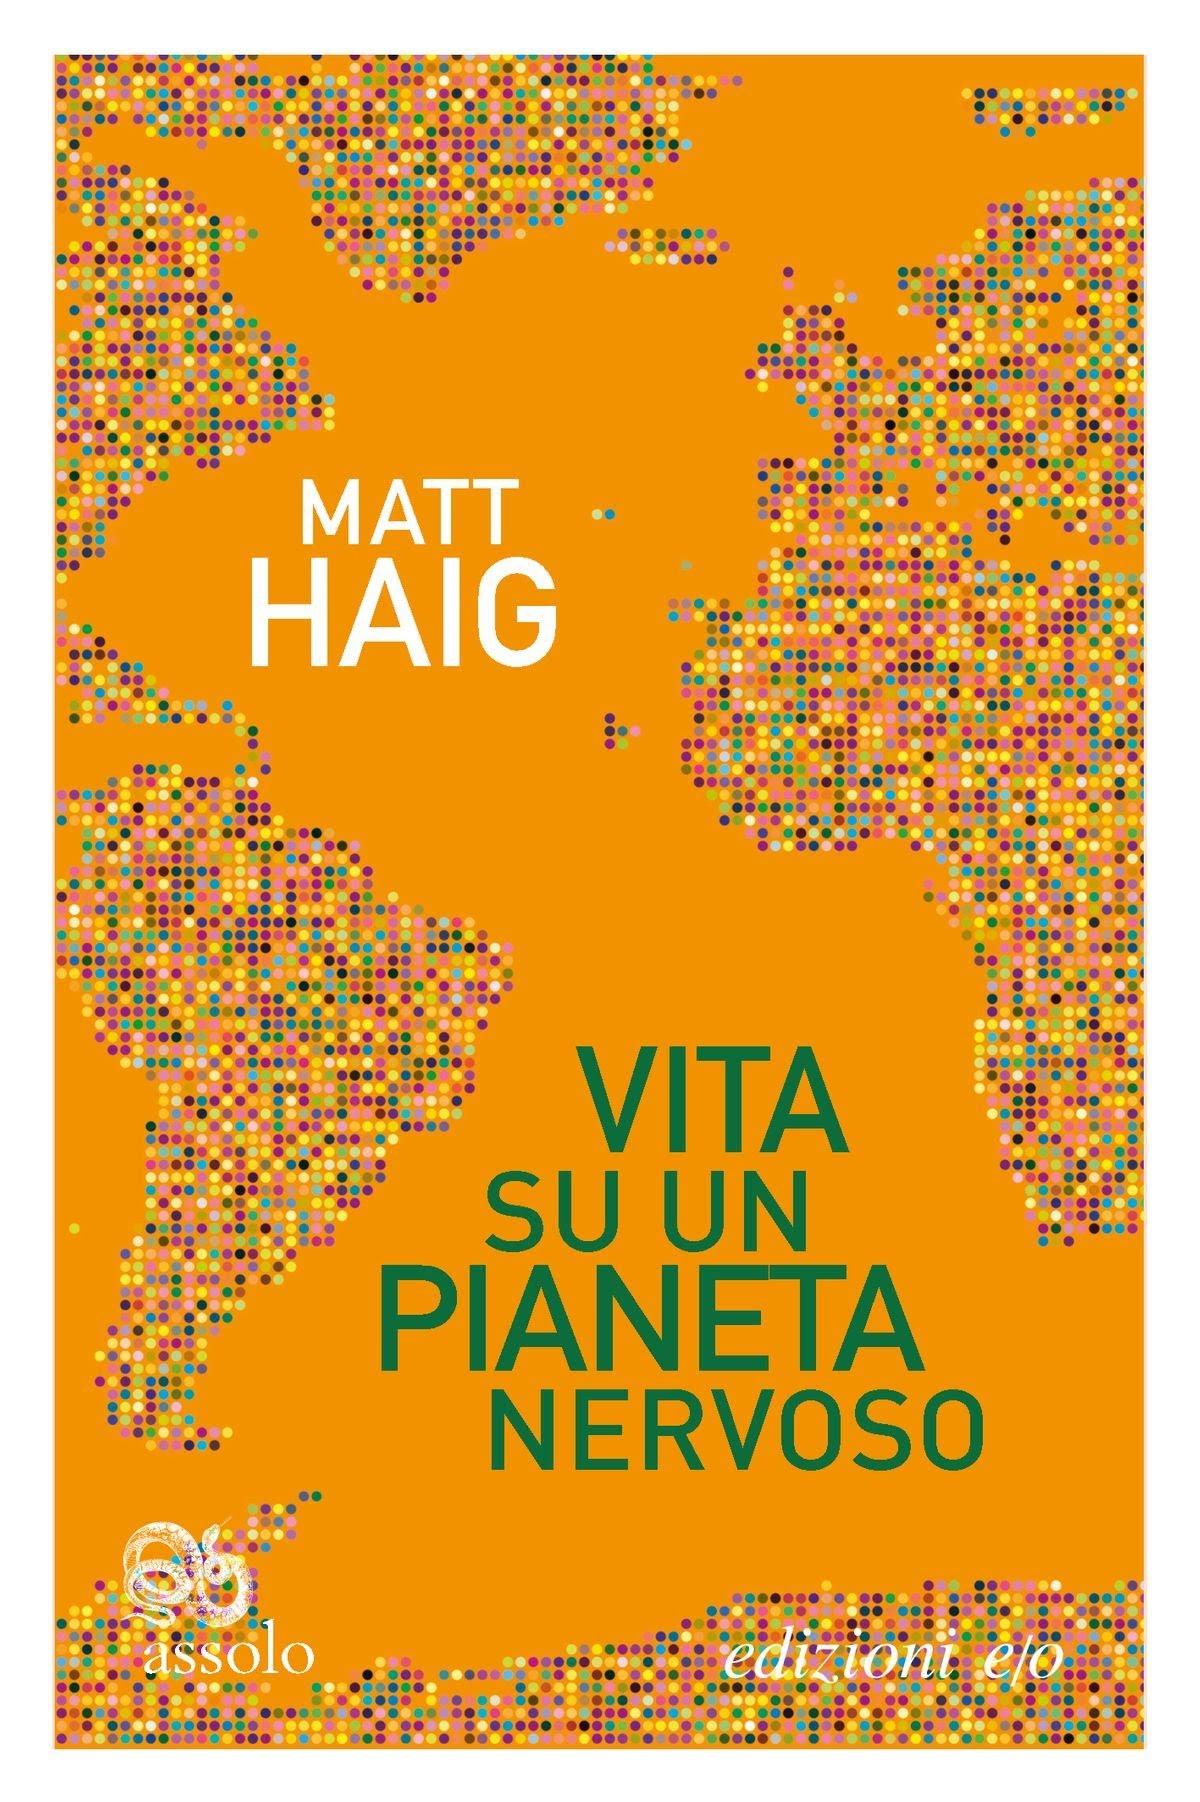 VITA SU UN PIANETA NERVOSO di Matt Haig, traduzione di Silvia Castoldi, edizioni e/o